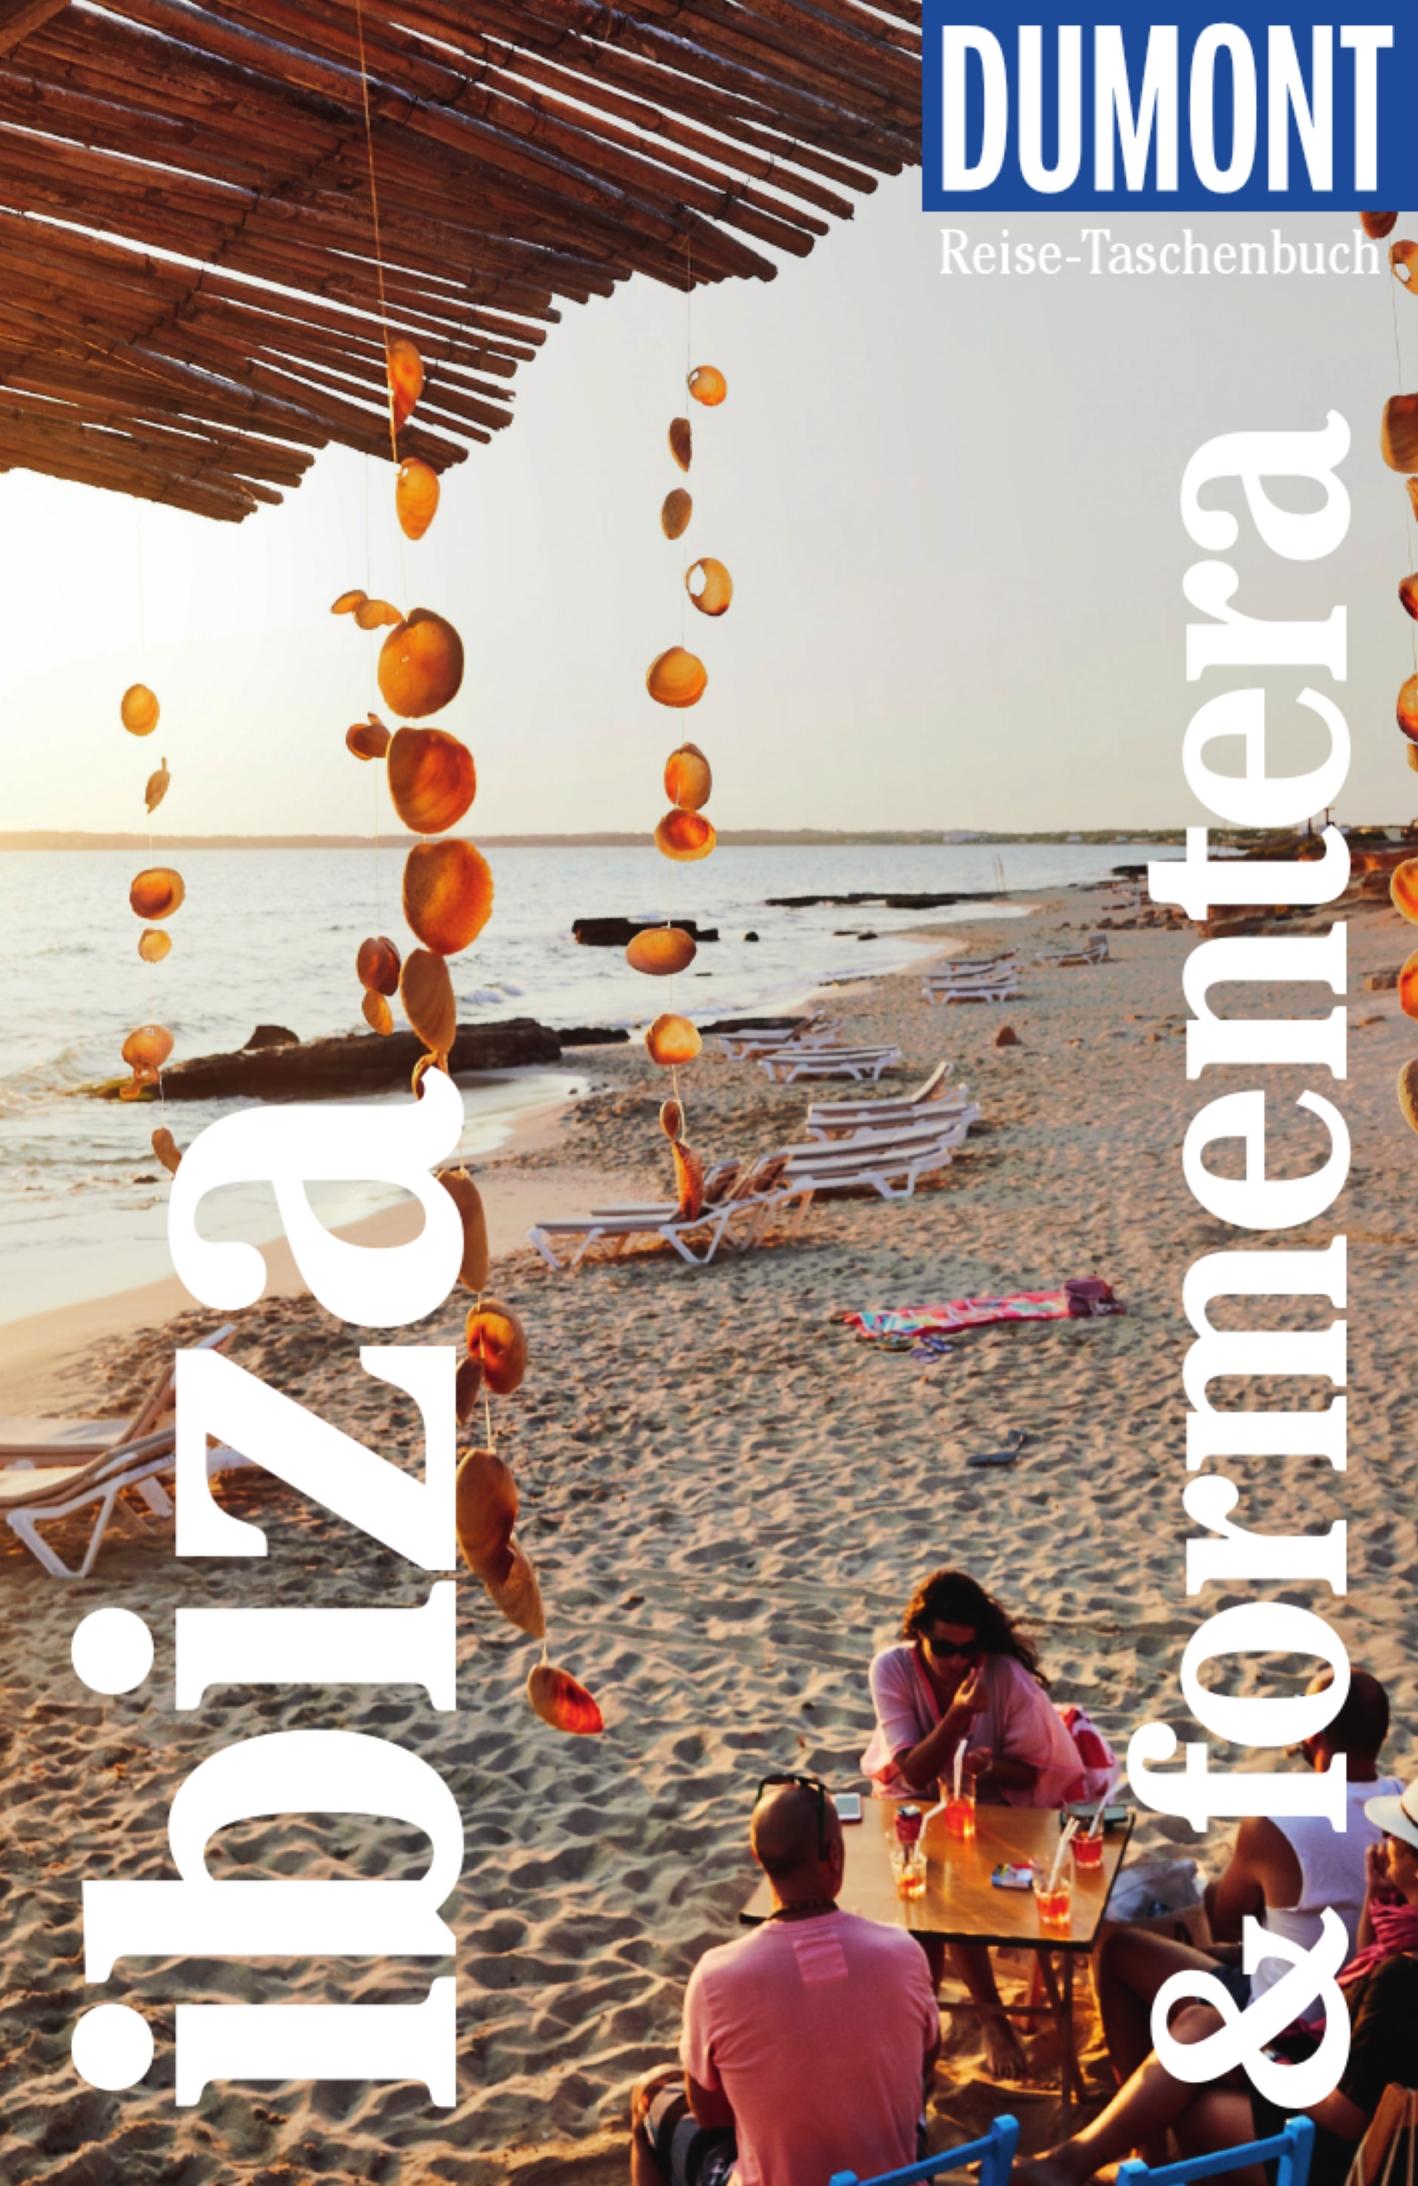 DuMont Reise-Taschenbuch - Ibiza (Cover)